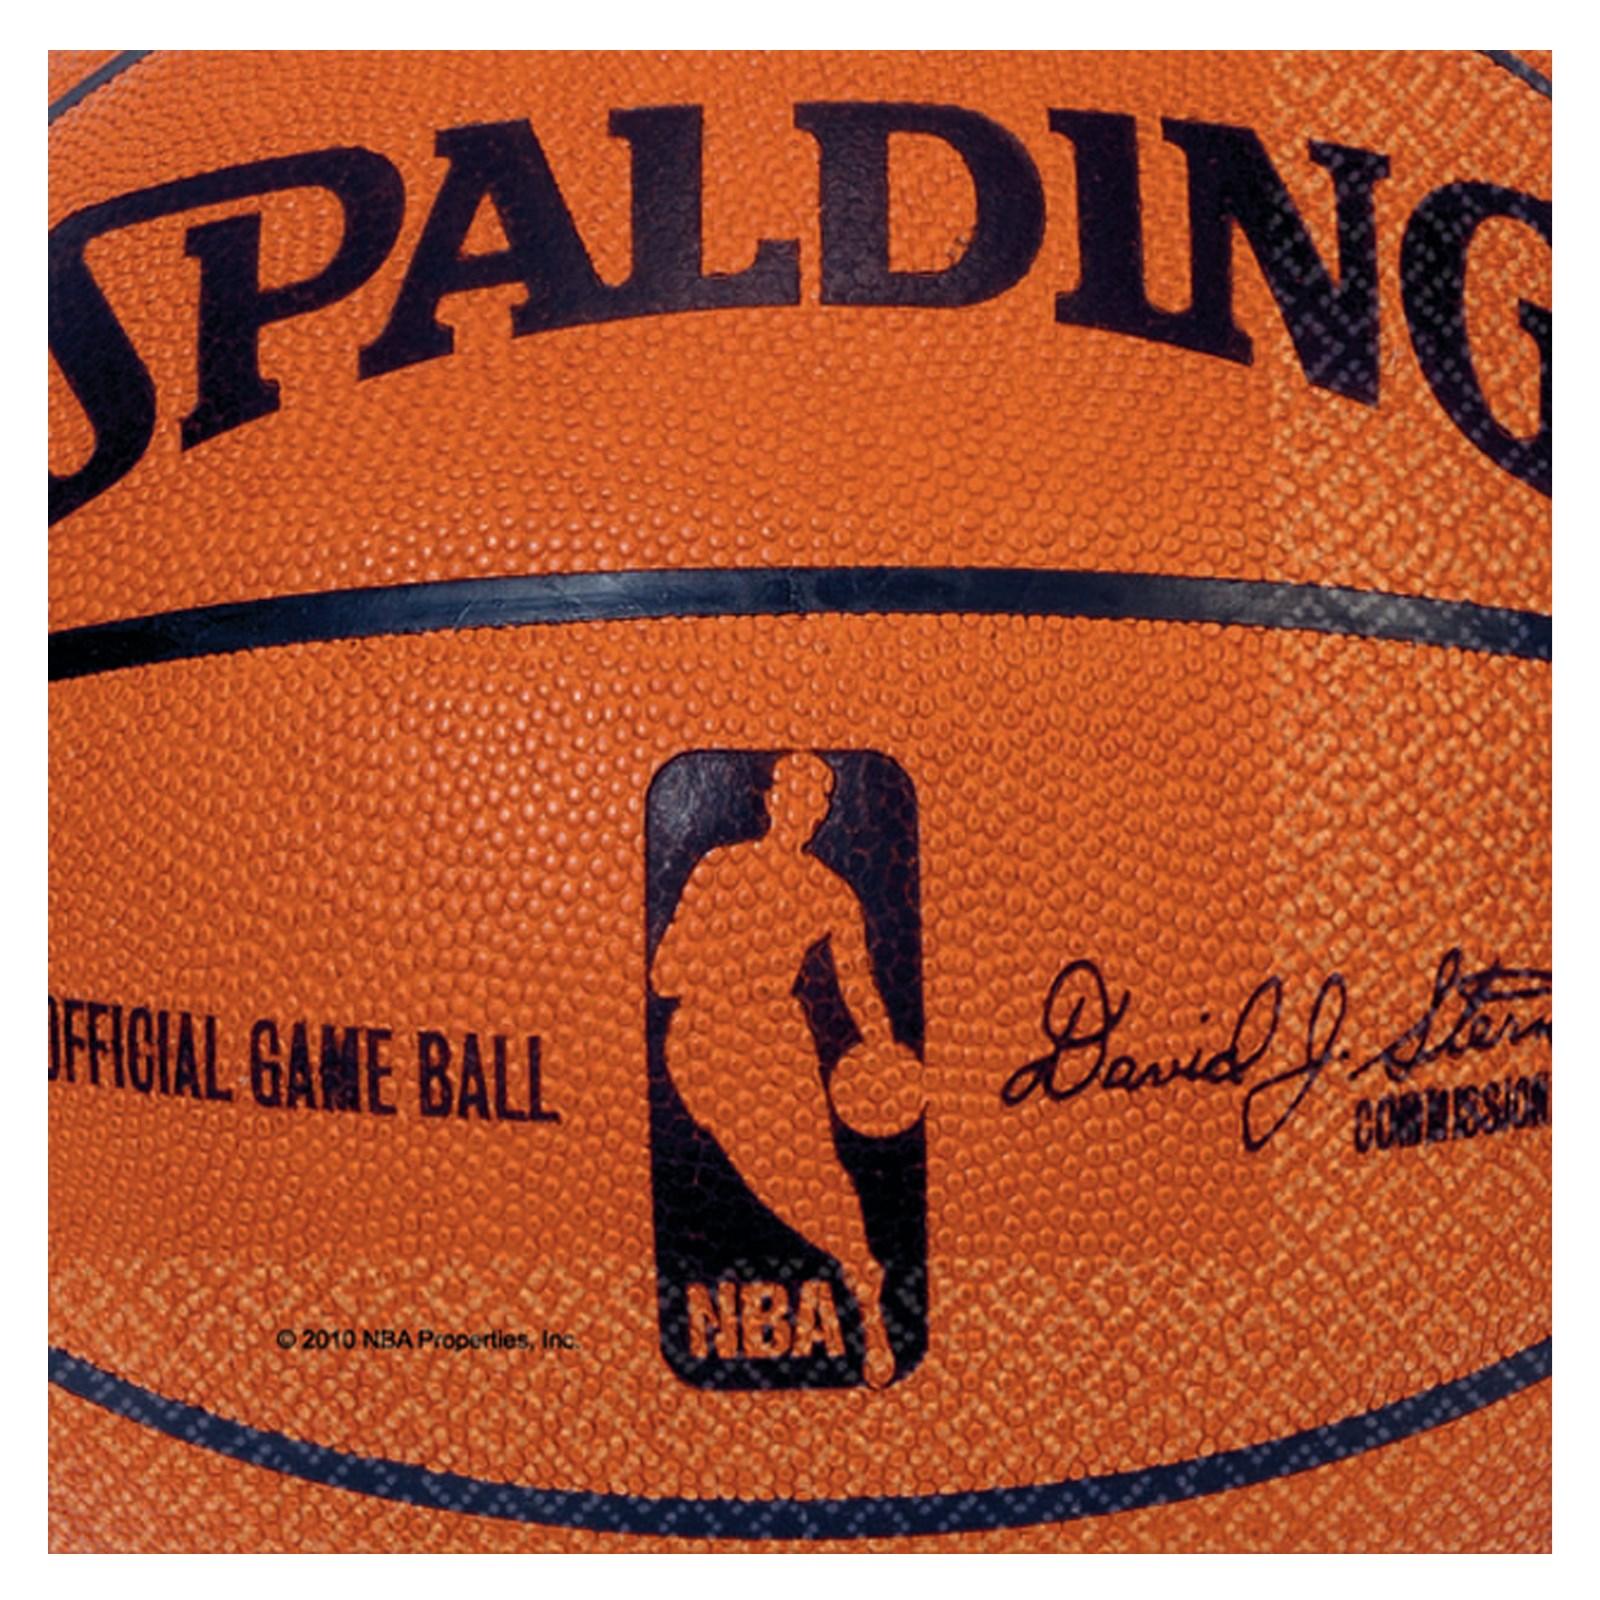 Spalding Basketball – Beverage Napkins 36 count